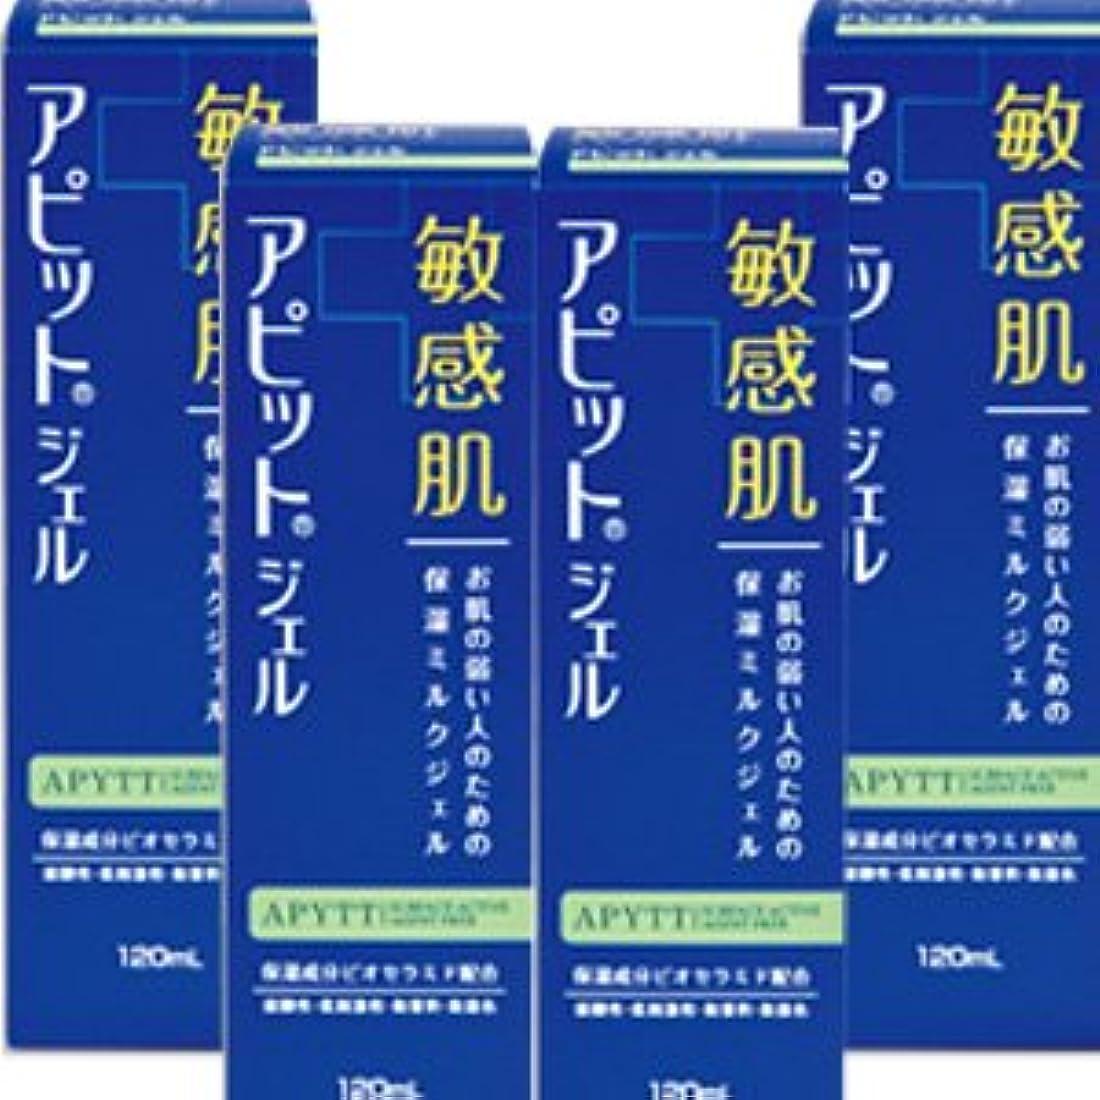 送信する献身怒る【4個】全薬工業 アピットジェルS 120mlx4個セット (4987305034625)